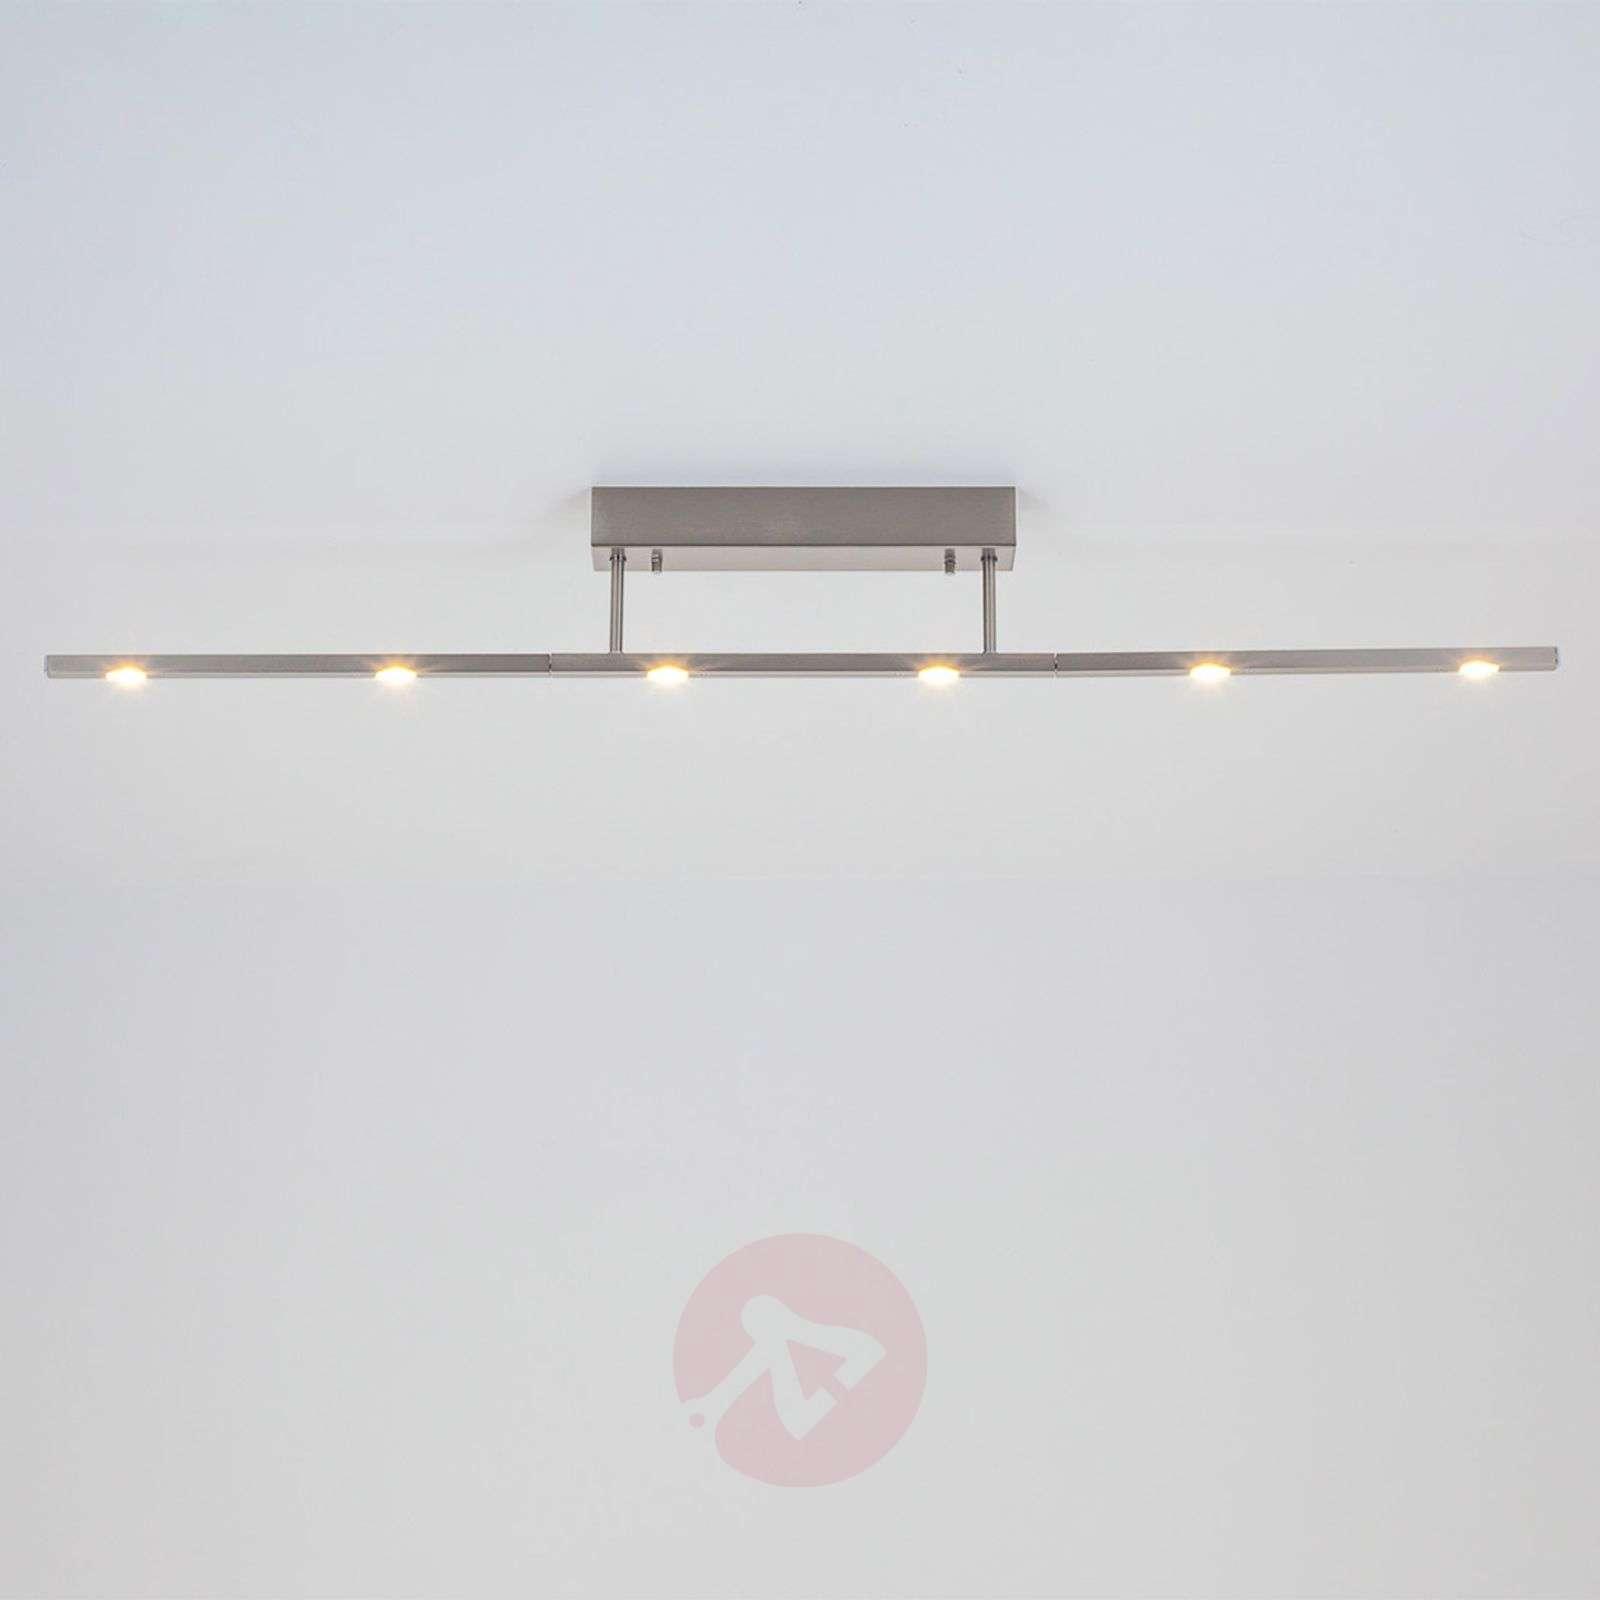 Pyörivä LED-kattovalaisin Tolu, 120 cm-6722008-01